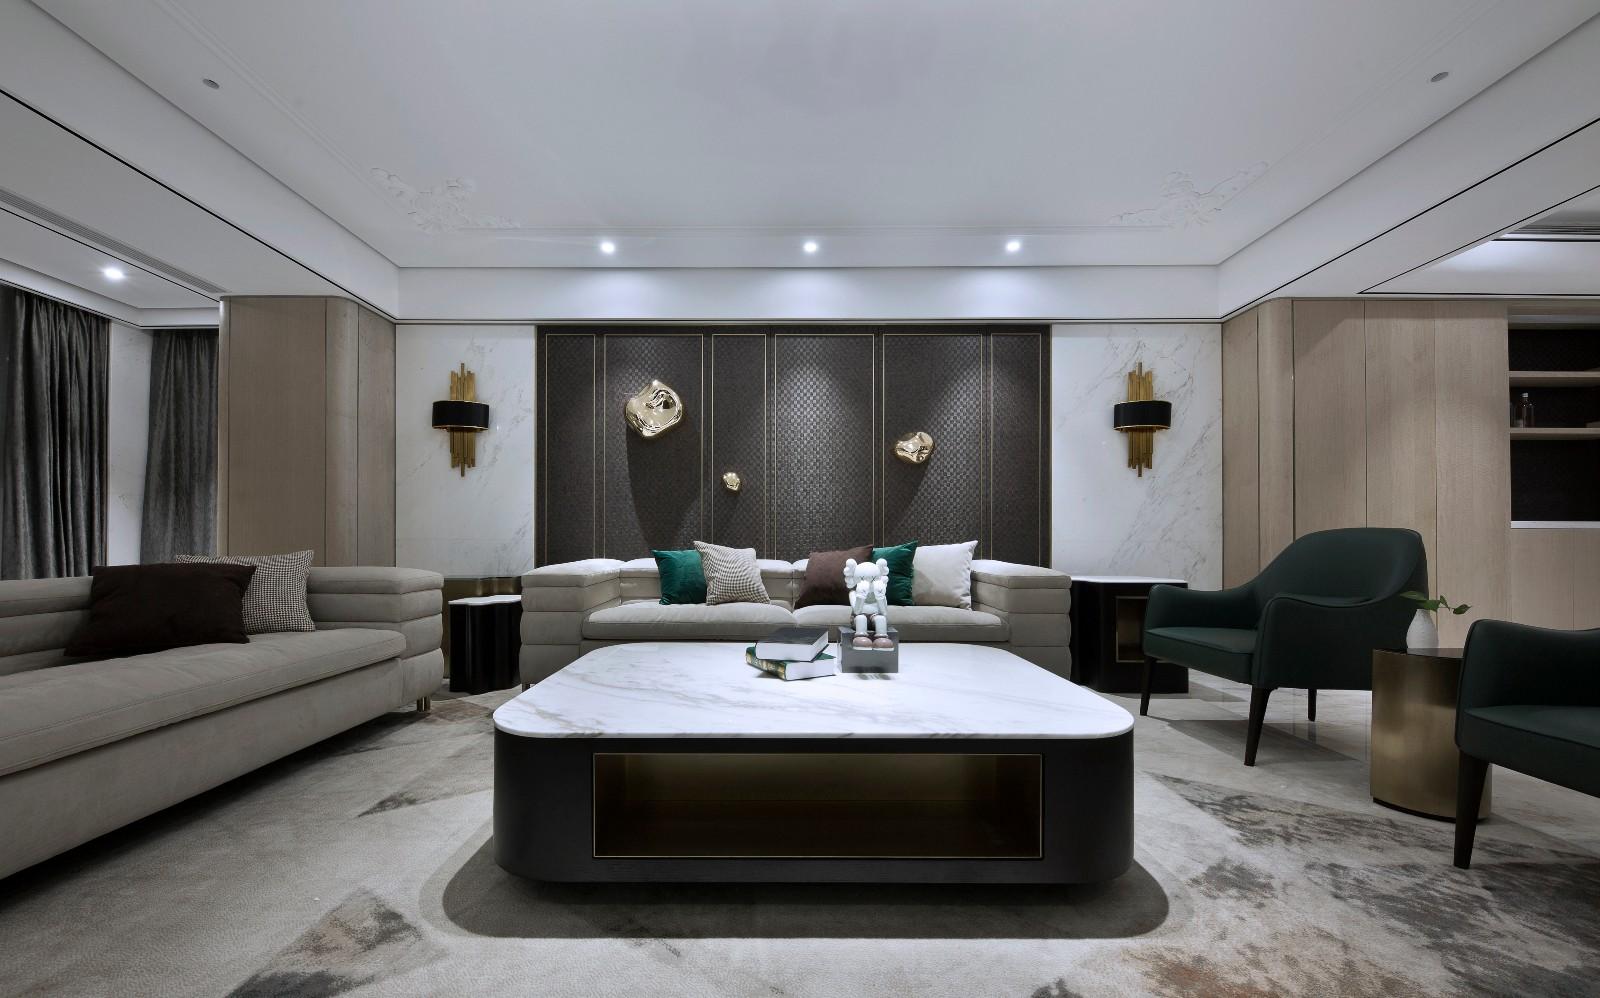 第二步:请为图片添加描述客厅潮流混搭客厅设计图片赏析